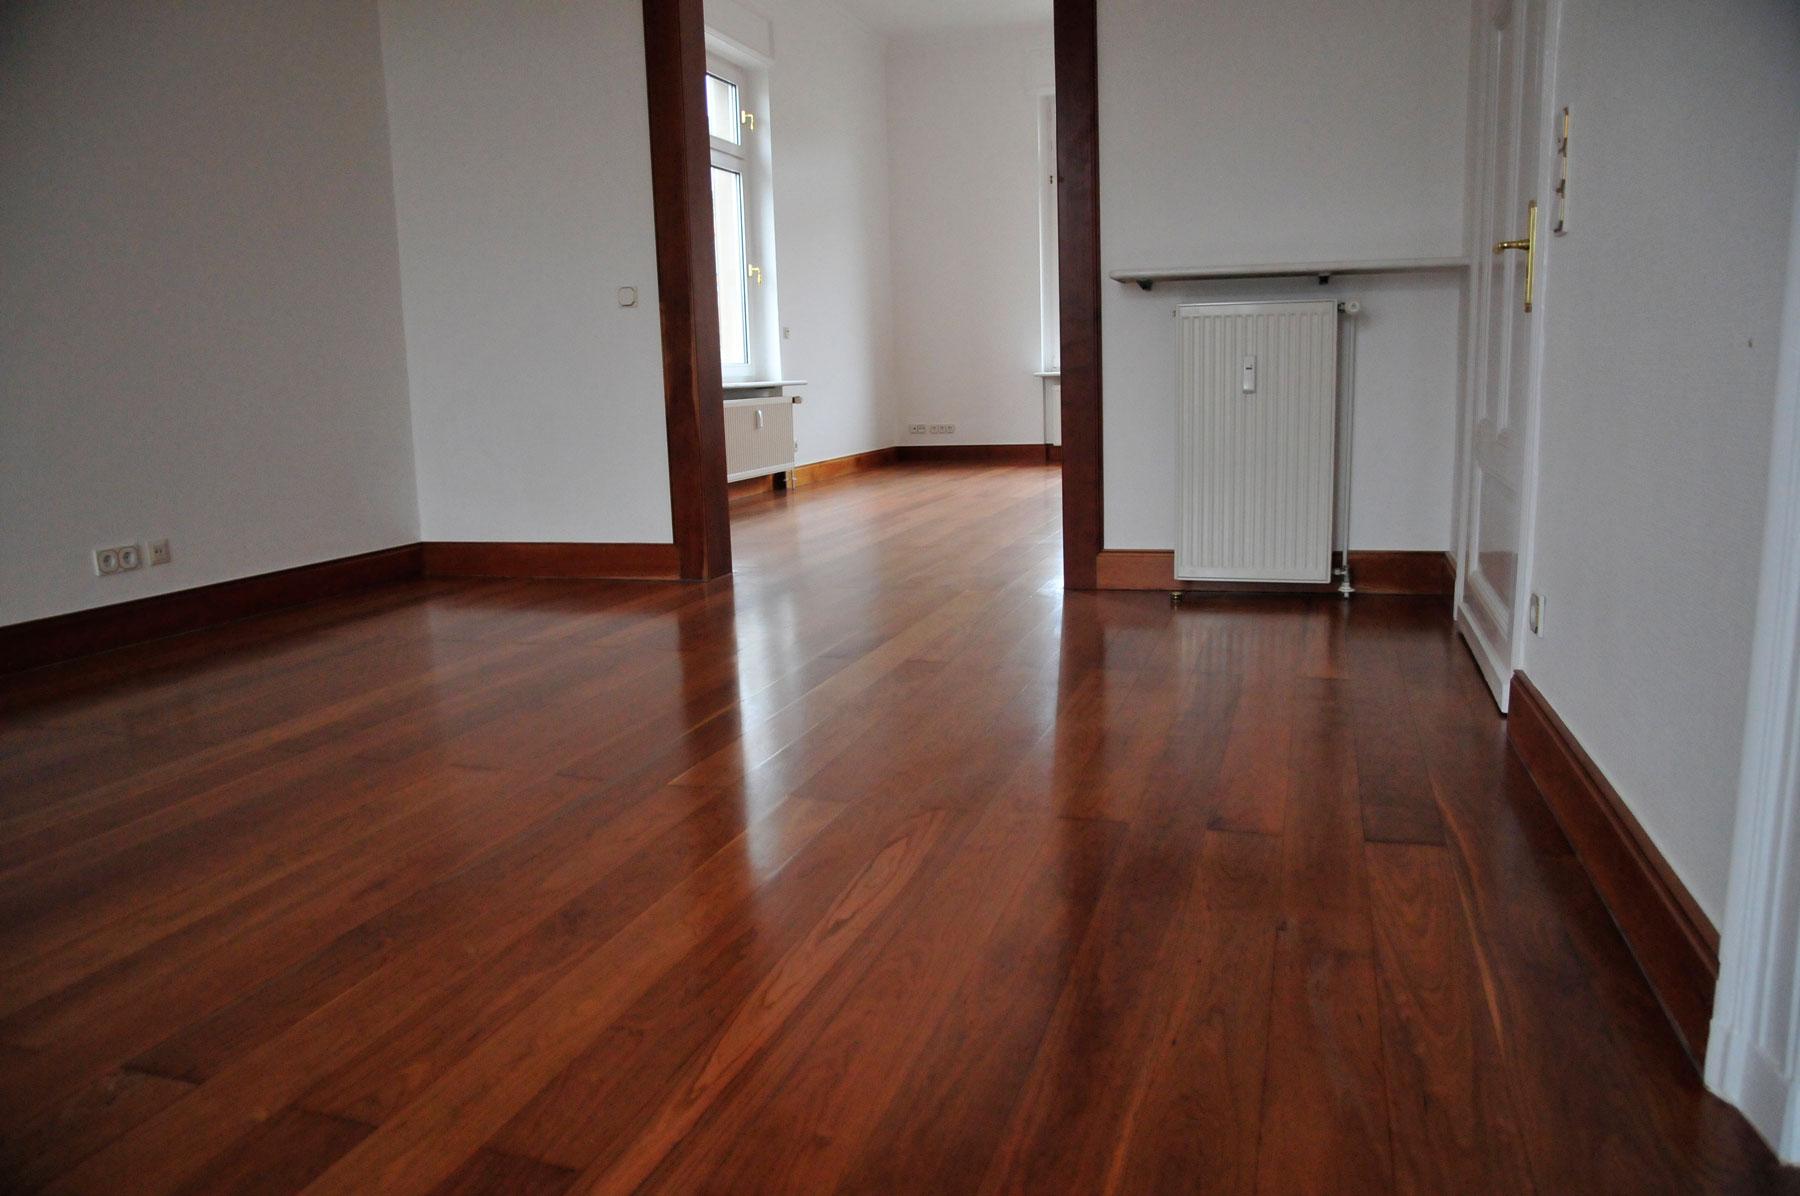 parkett verlegen beispiele von parkett madeja. Black Bedroom Furniture Sets. Home Design Ideas